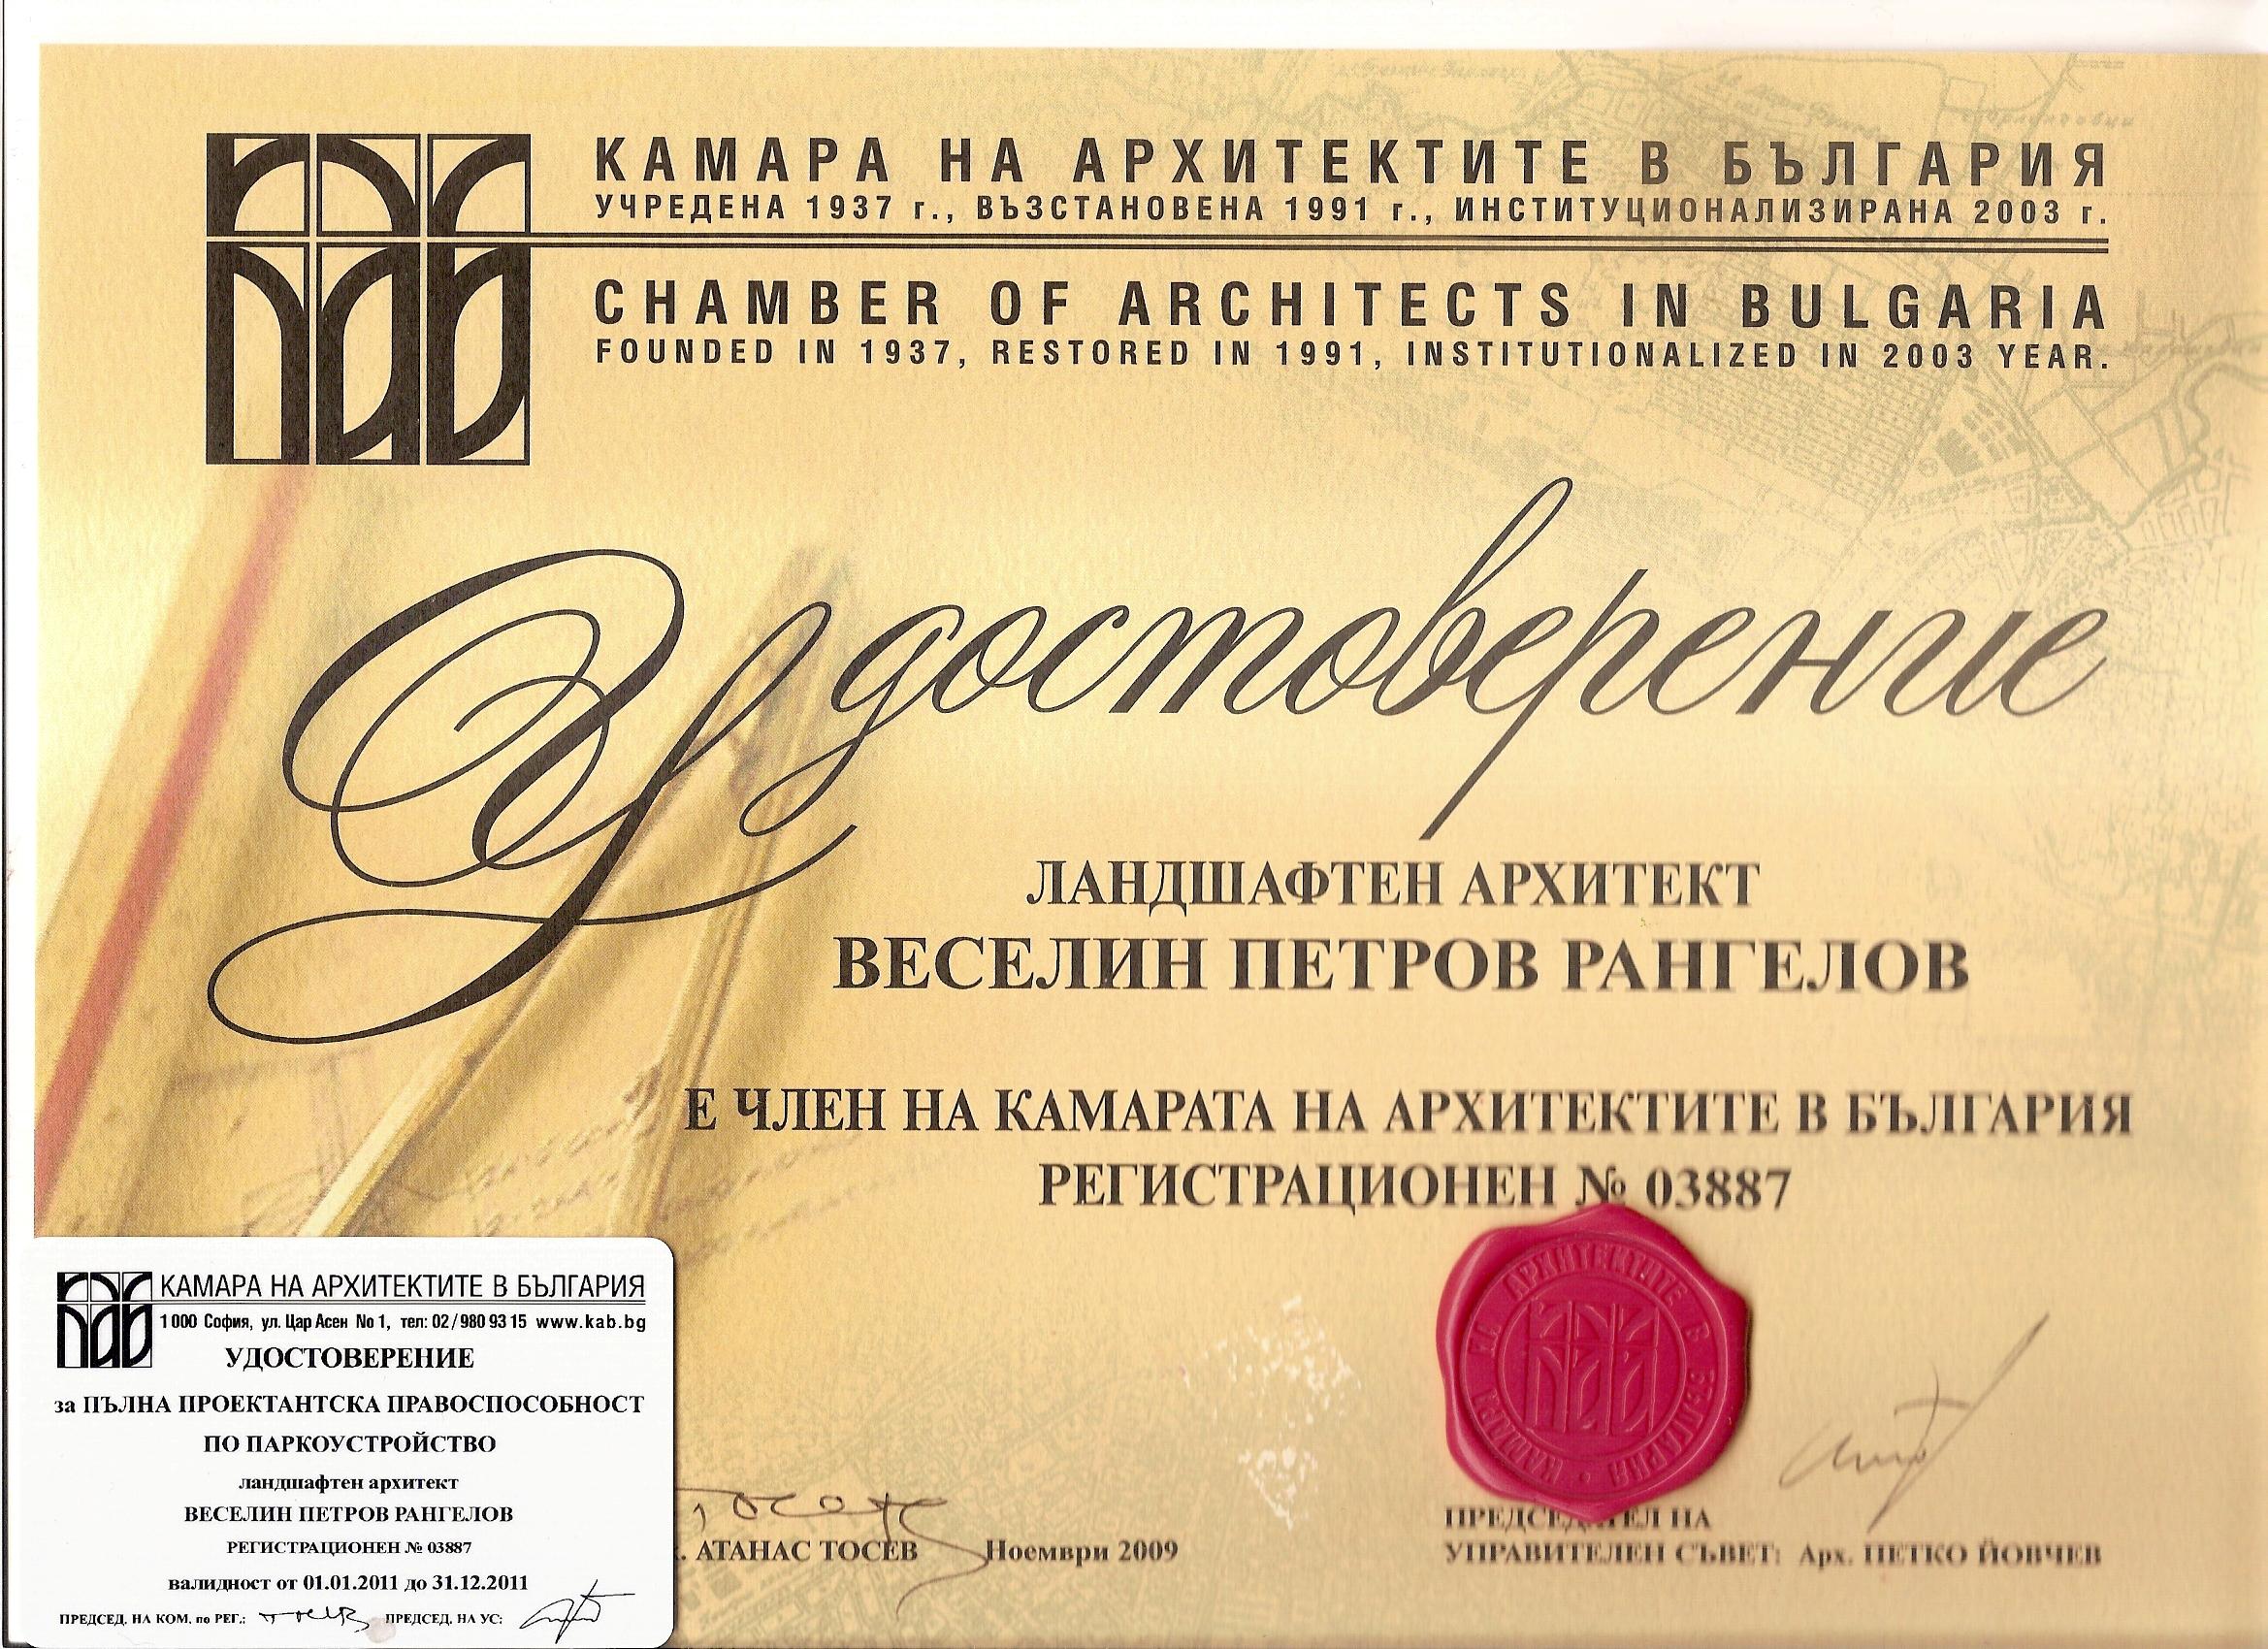 удостоверение Камара на архитектите